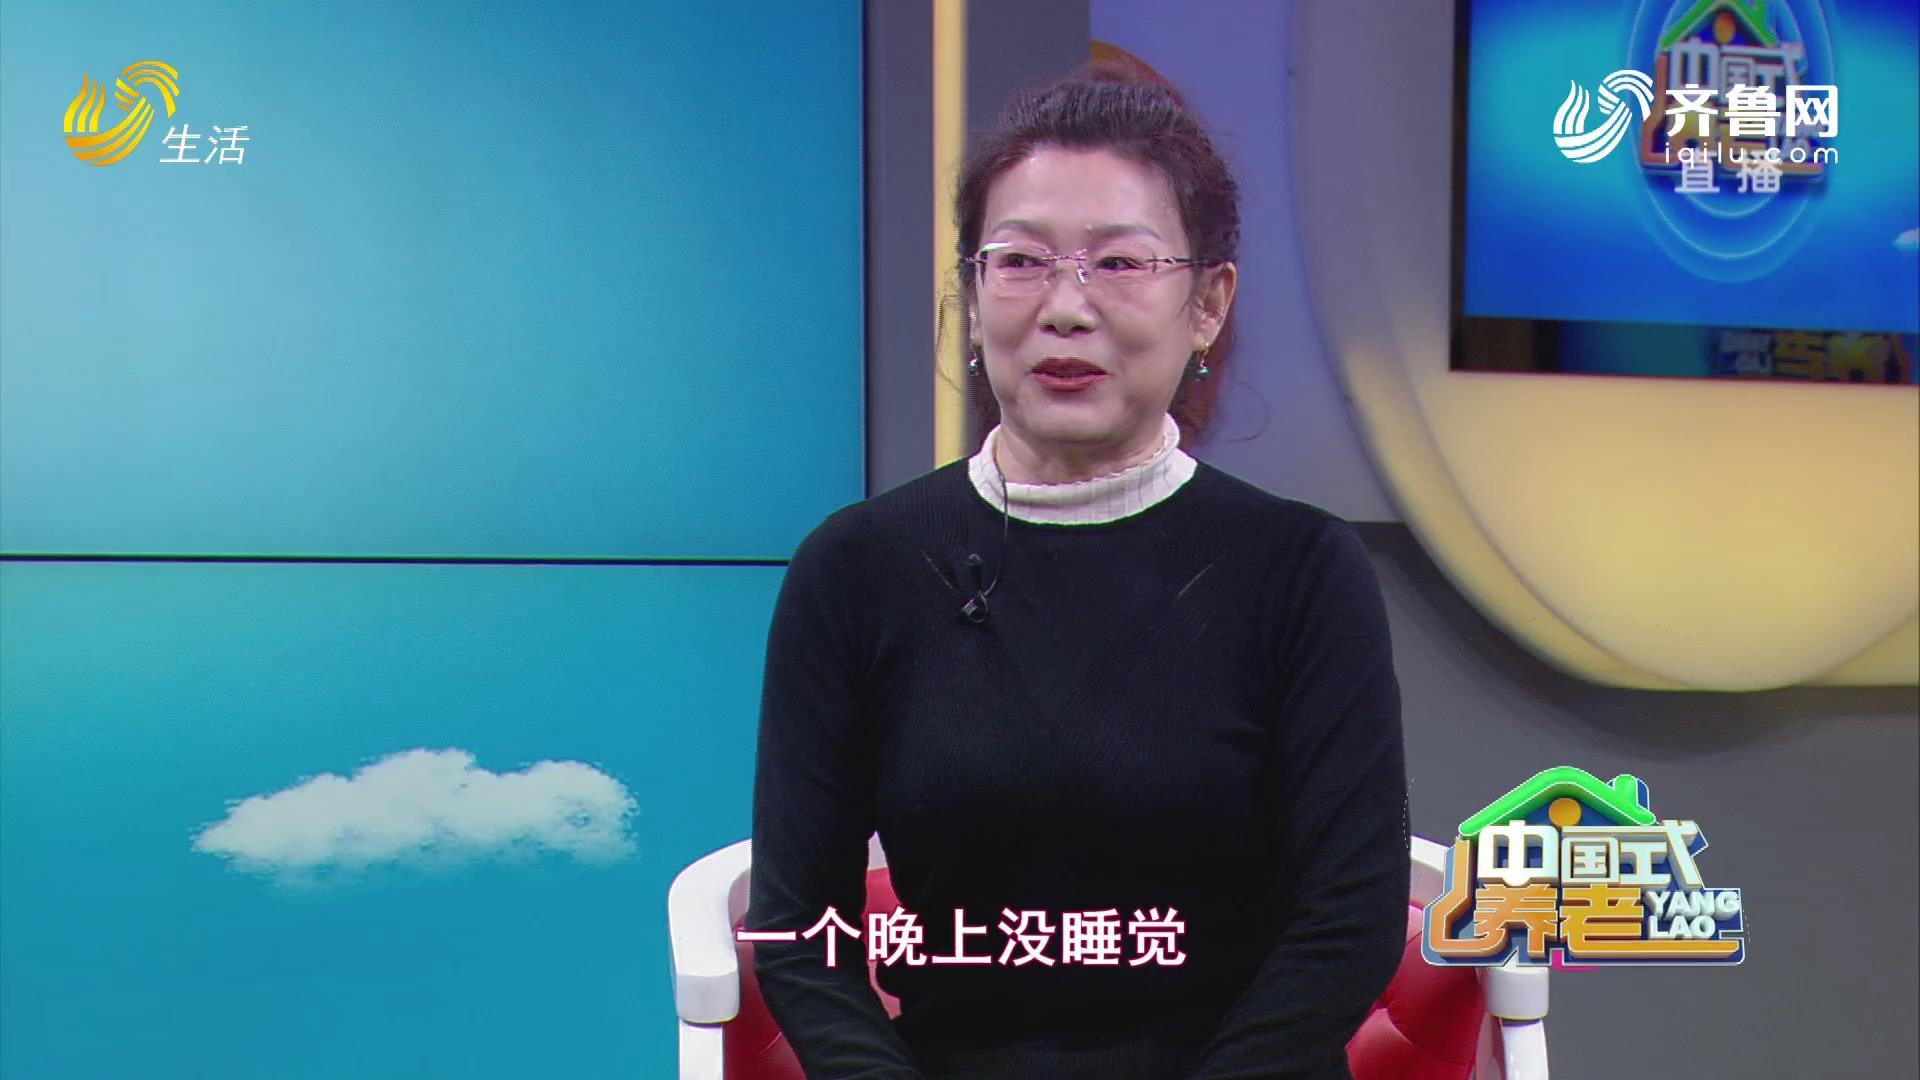 中国式养老-魅力十足的肚皮舞艺术团